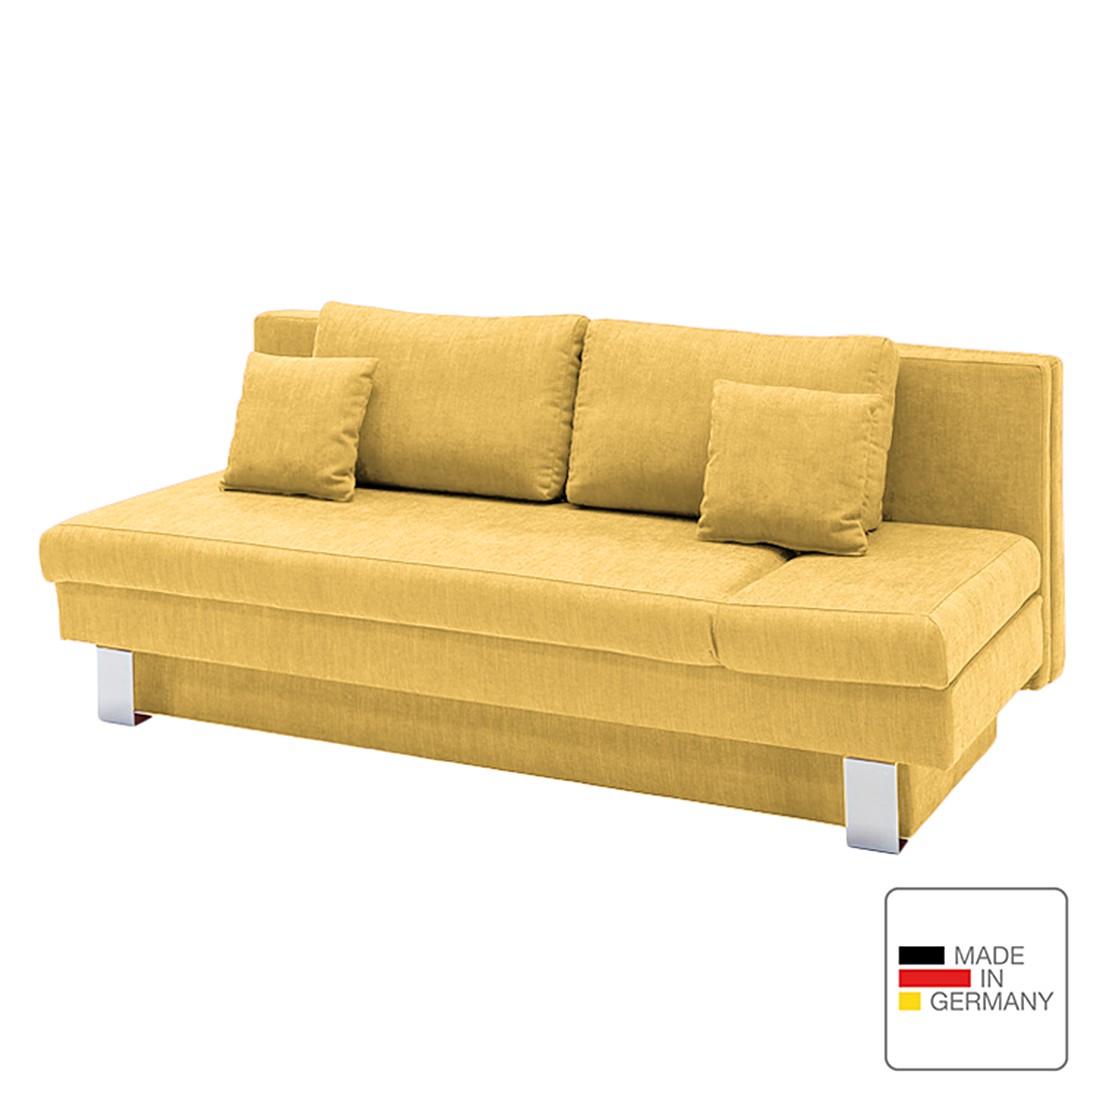 Schlafsofa Tabor – Webstoff – Armlehne davorstehend rechts – Gelb, Studio Monroe jetzt kaufen